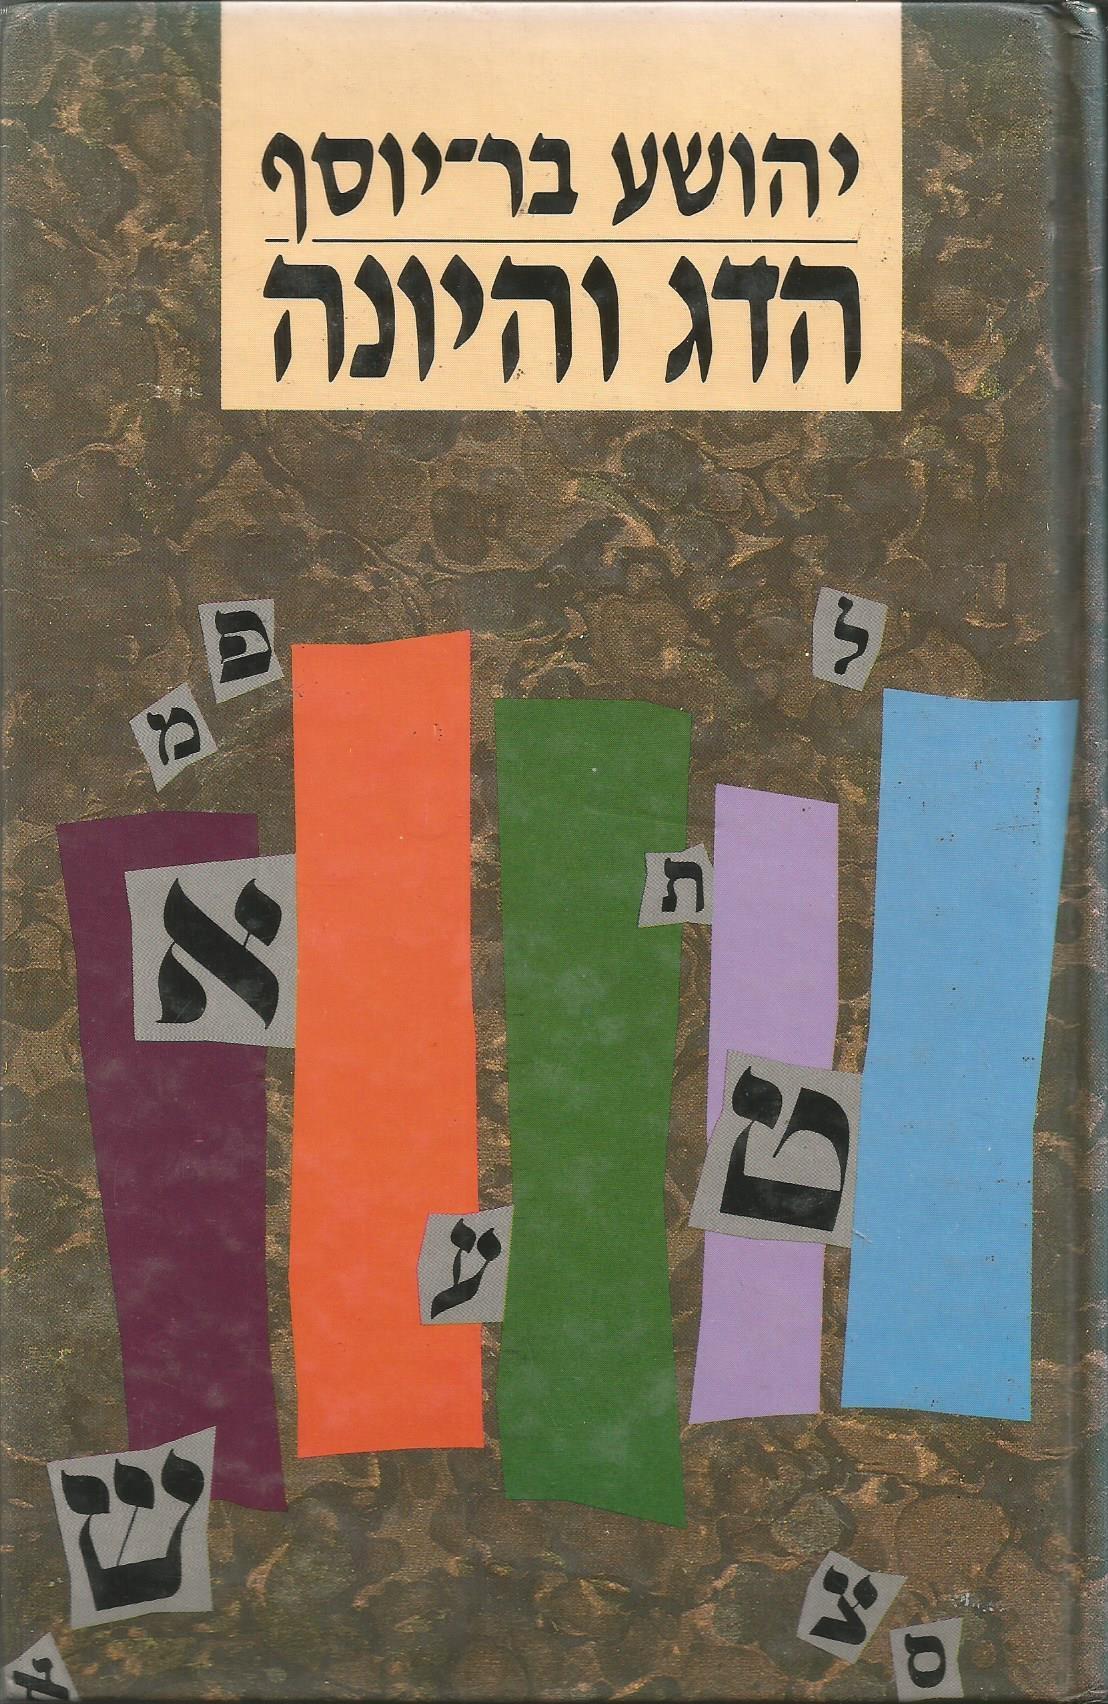 הדג והיונה - מועדון קוראי מעריב - יהושע בר-יוסף